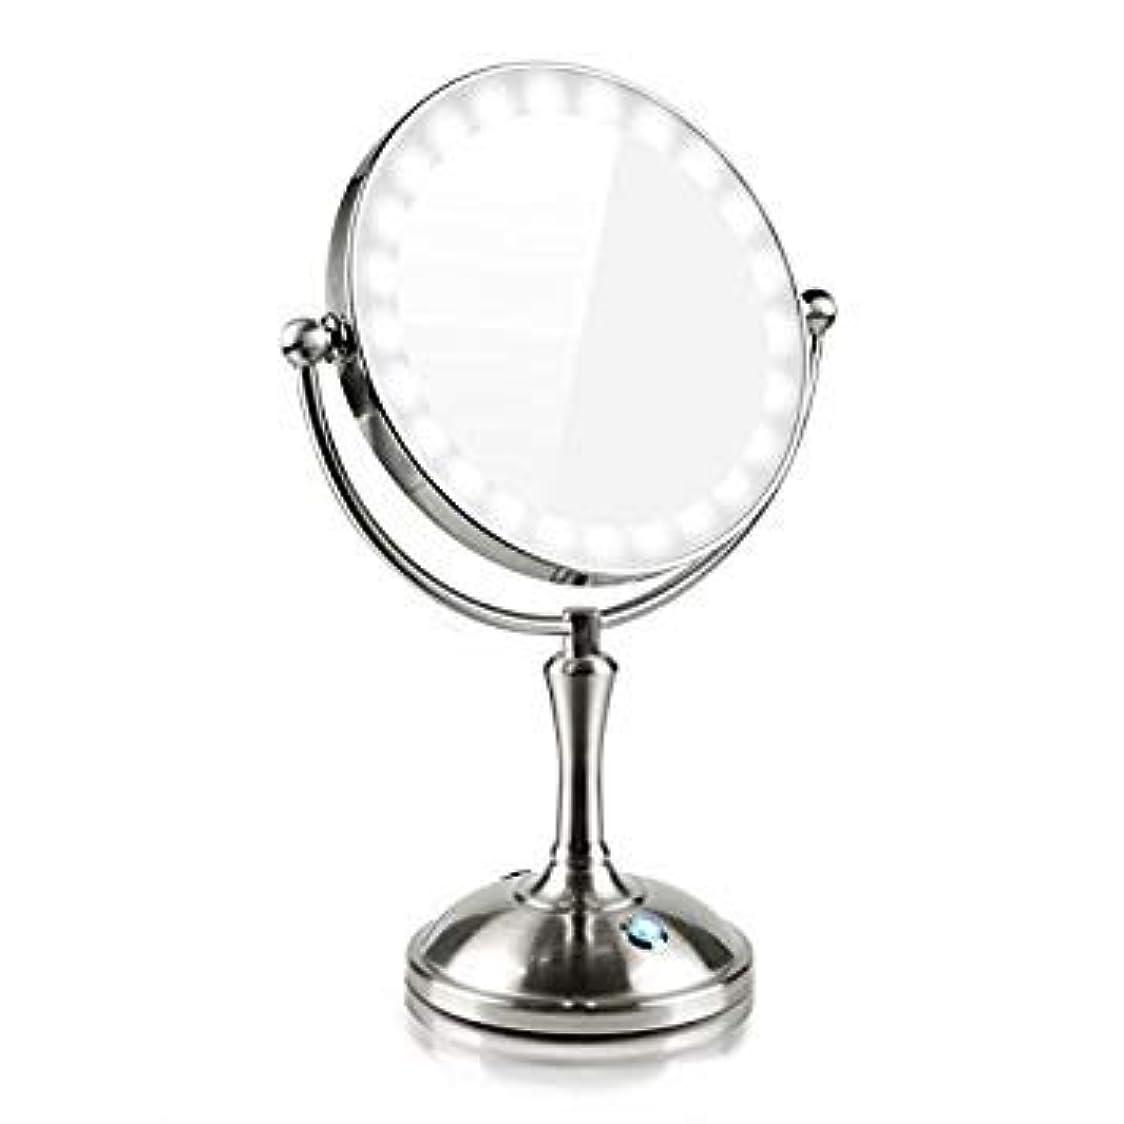 デコードする寝るセンサー化粧鏡 LEDの両面鏡 7倍拡大鏡 360度回転 卓上鏡 スタンドミラー メイク 化粧道具 有線ワイヤレスミラーライト タッチ制御で調光 USB/電池給電